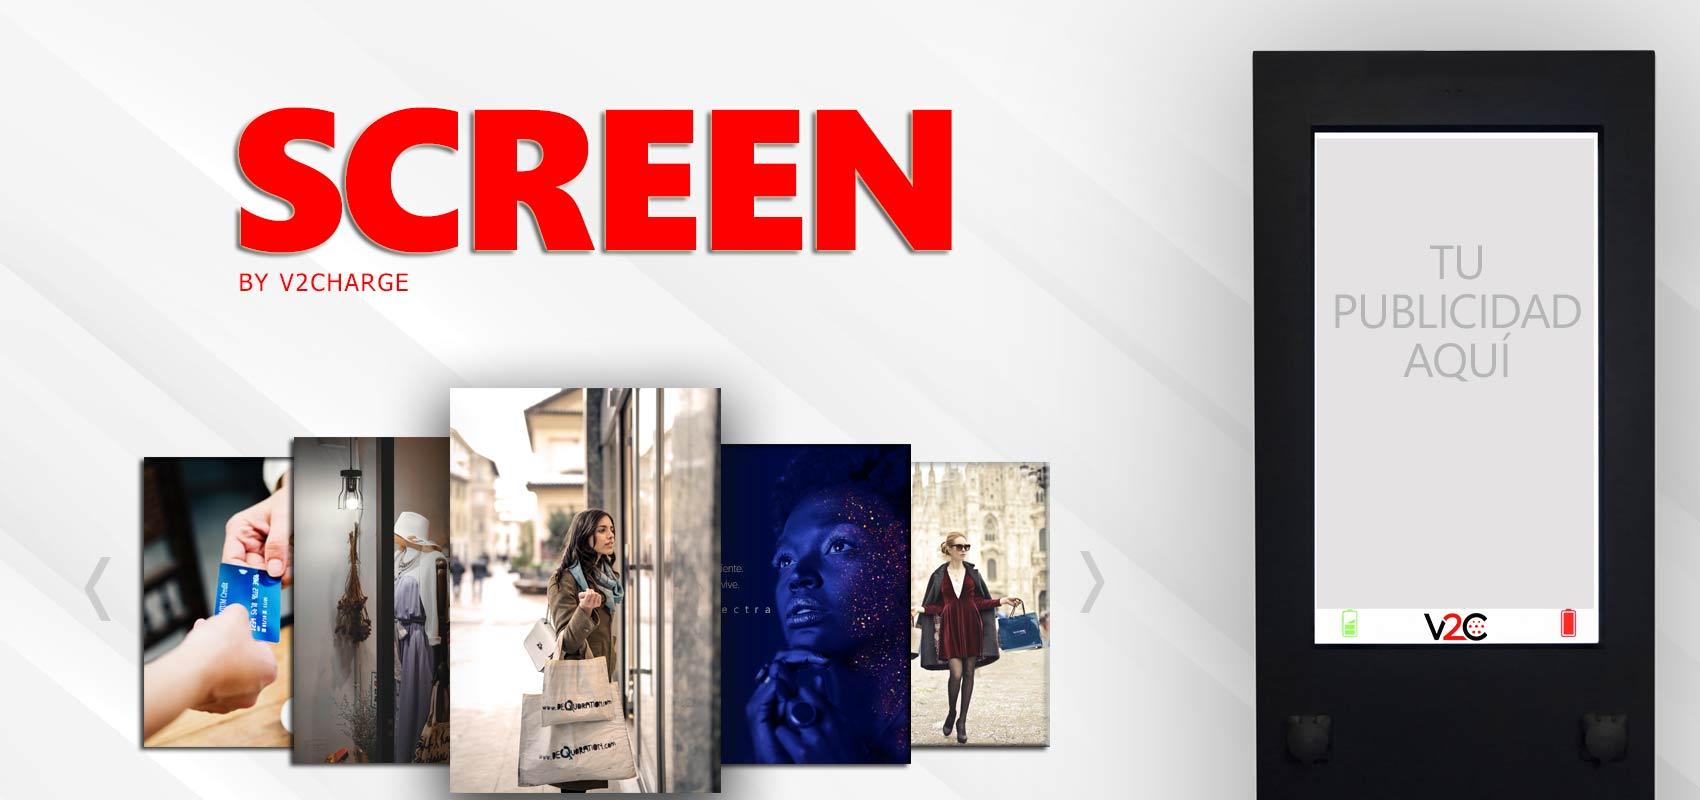 Screen, punto de recarga con publicidad de V2C